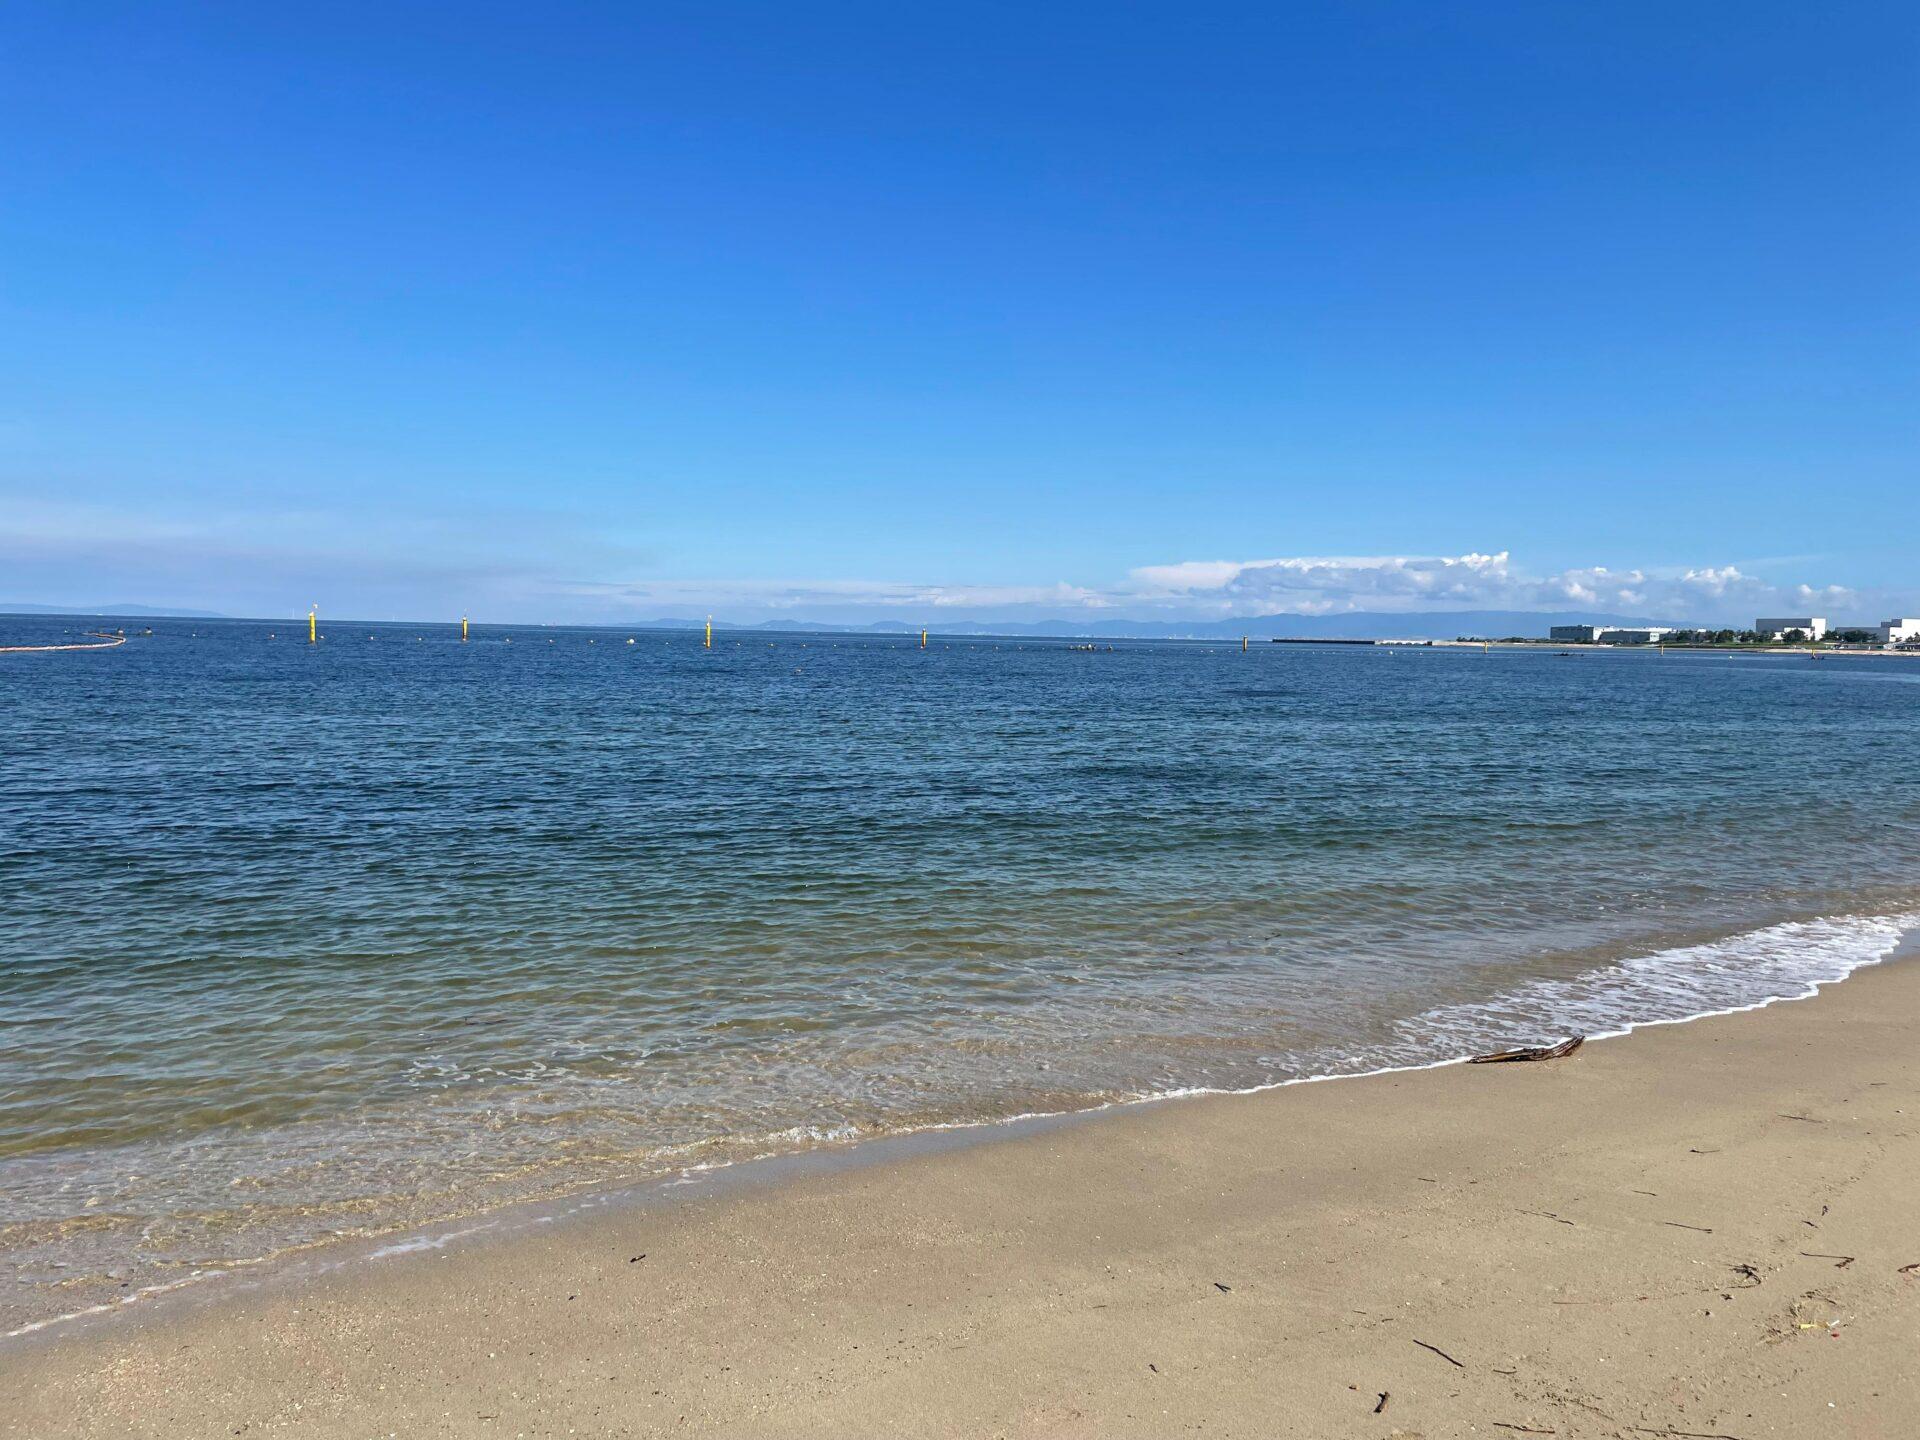 二色の浜 海 綺麗 OWS